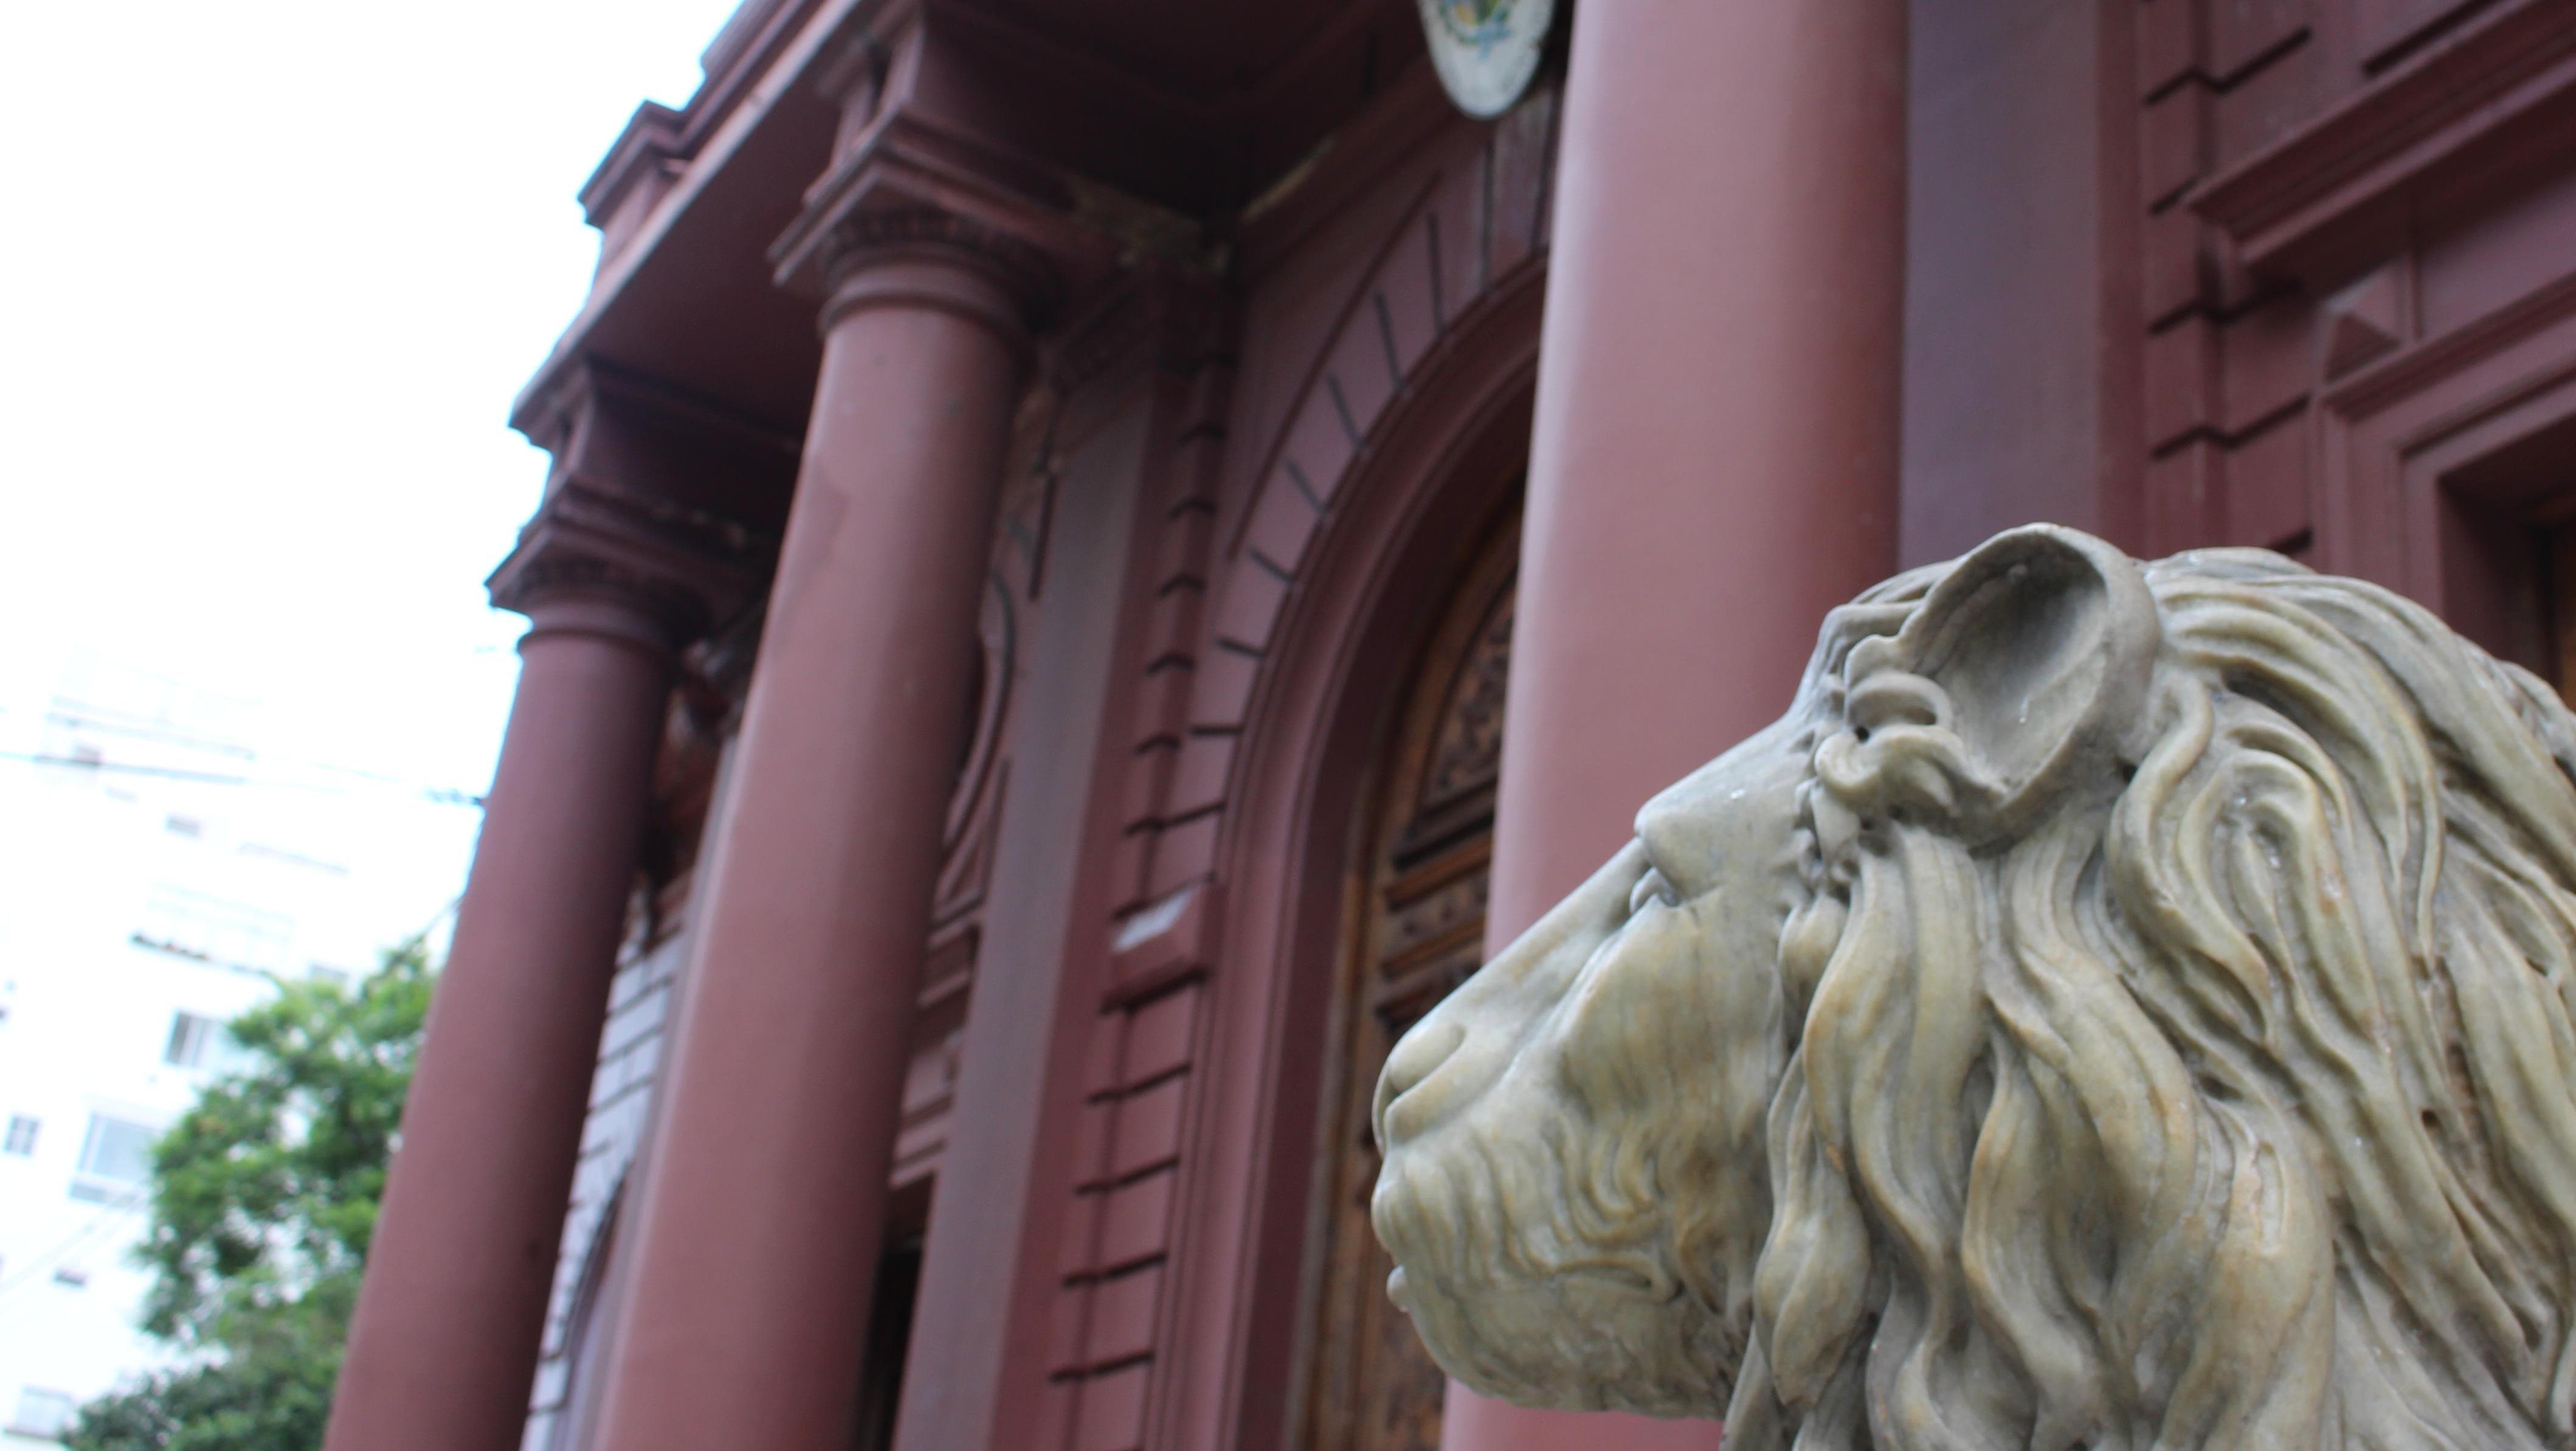 Nuevas autoridades en el Palacio de los Leones